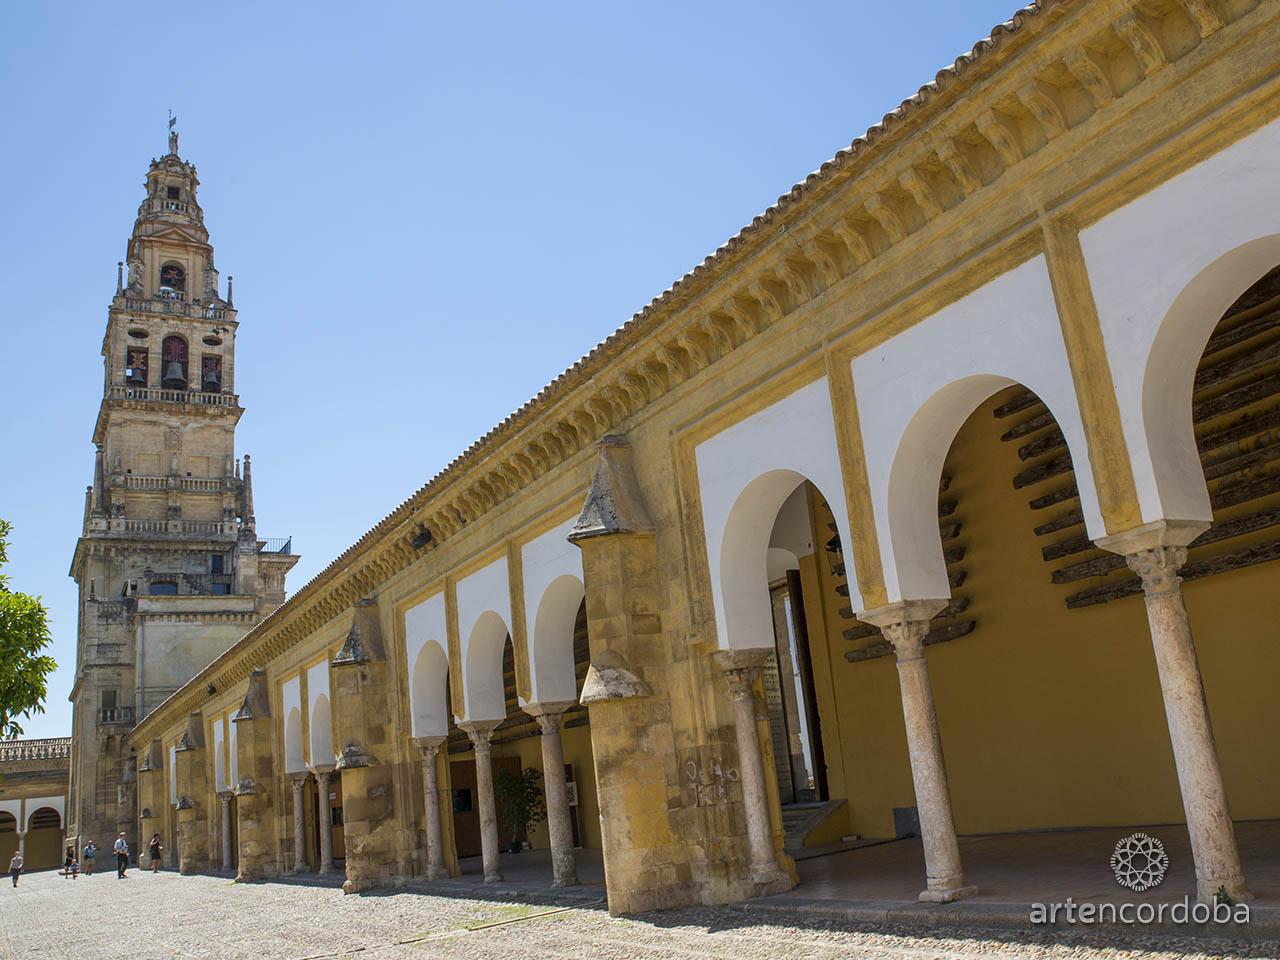 La Torre-Campanario de la Mezquita-Catedral de Córdoba vista desde el Patio de los Naranjos